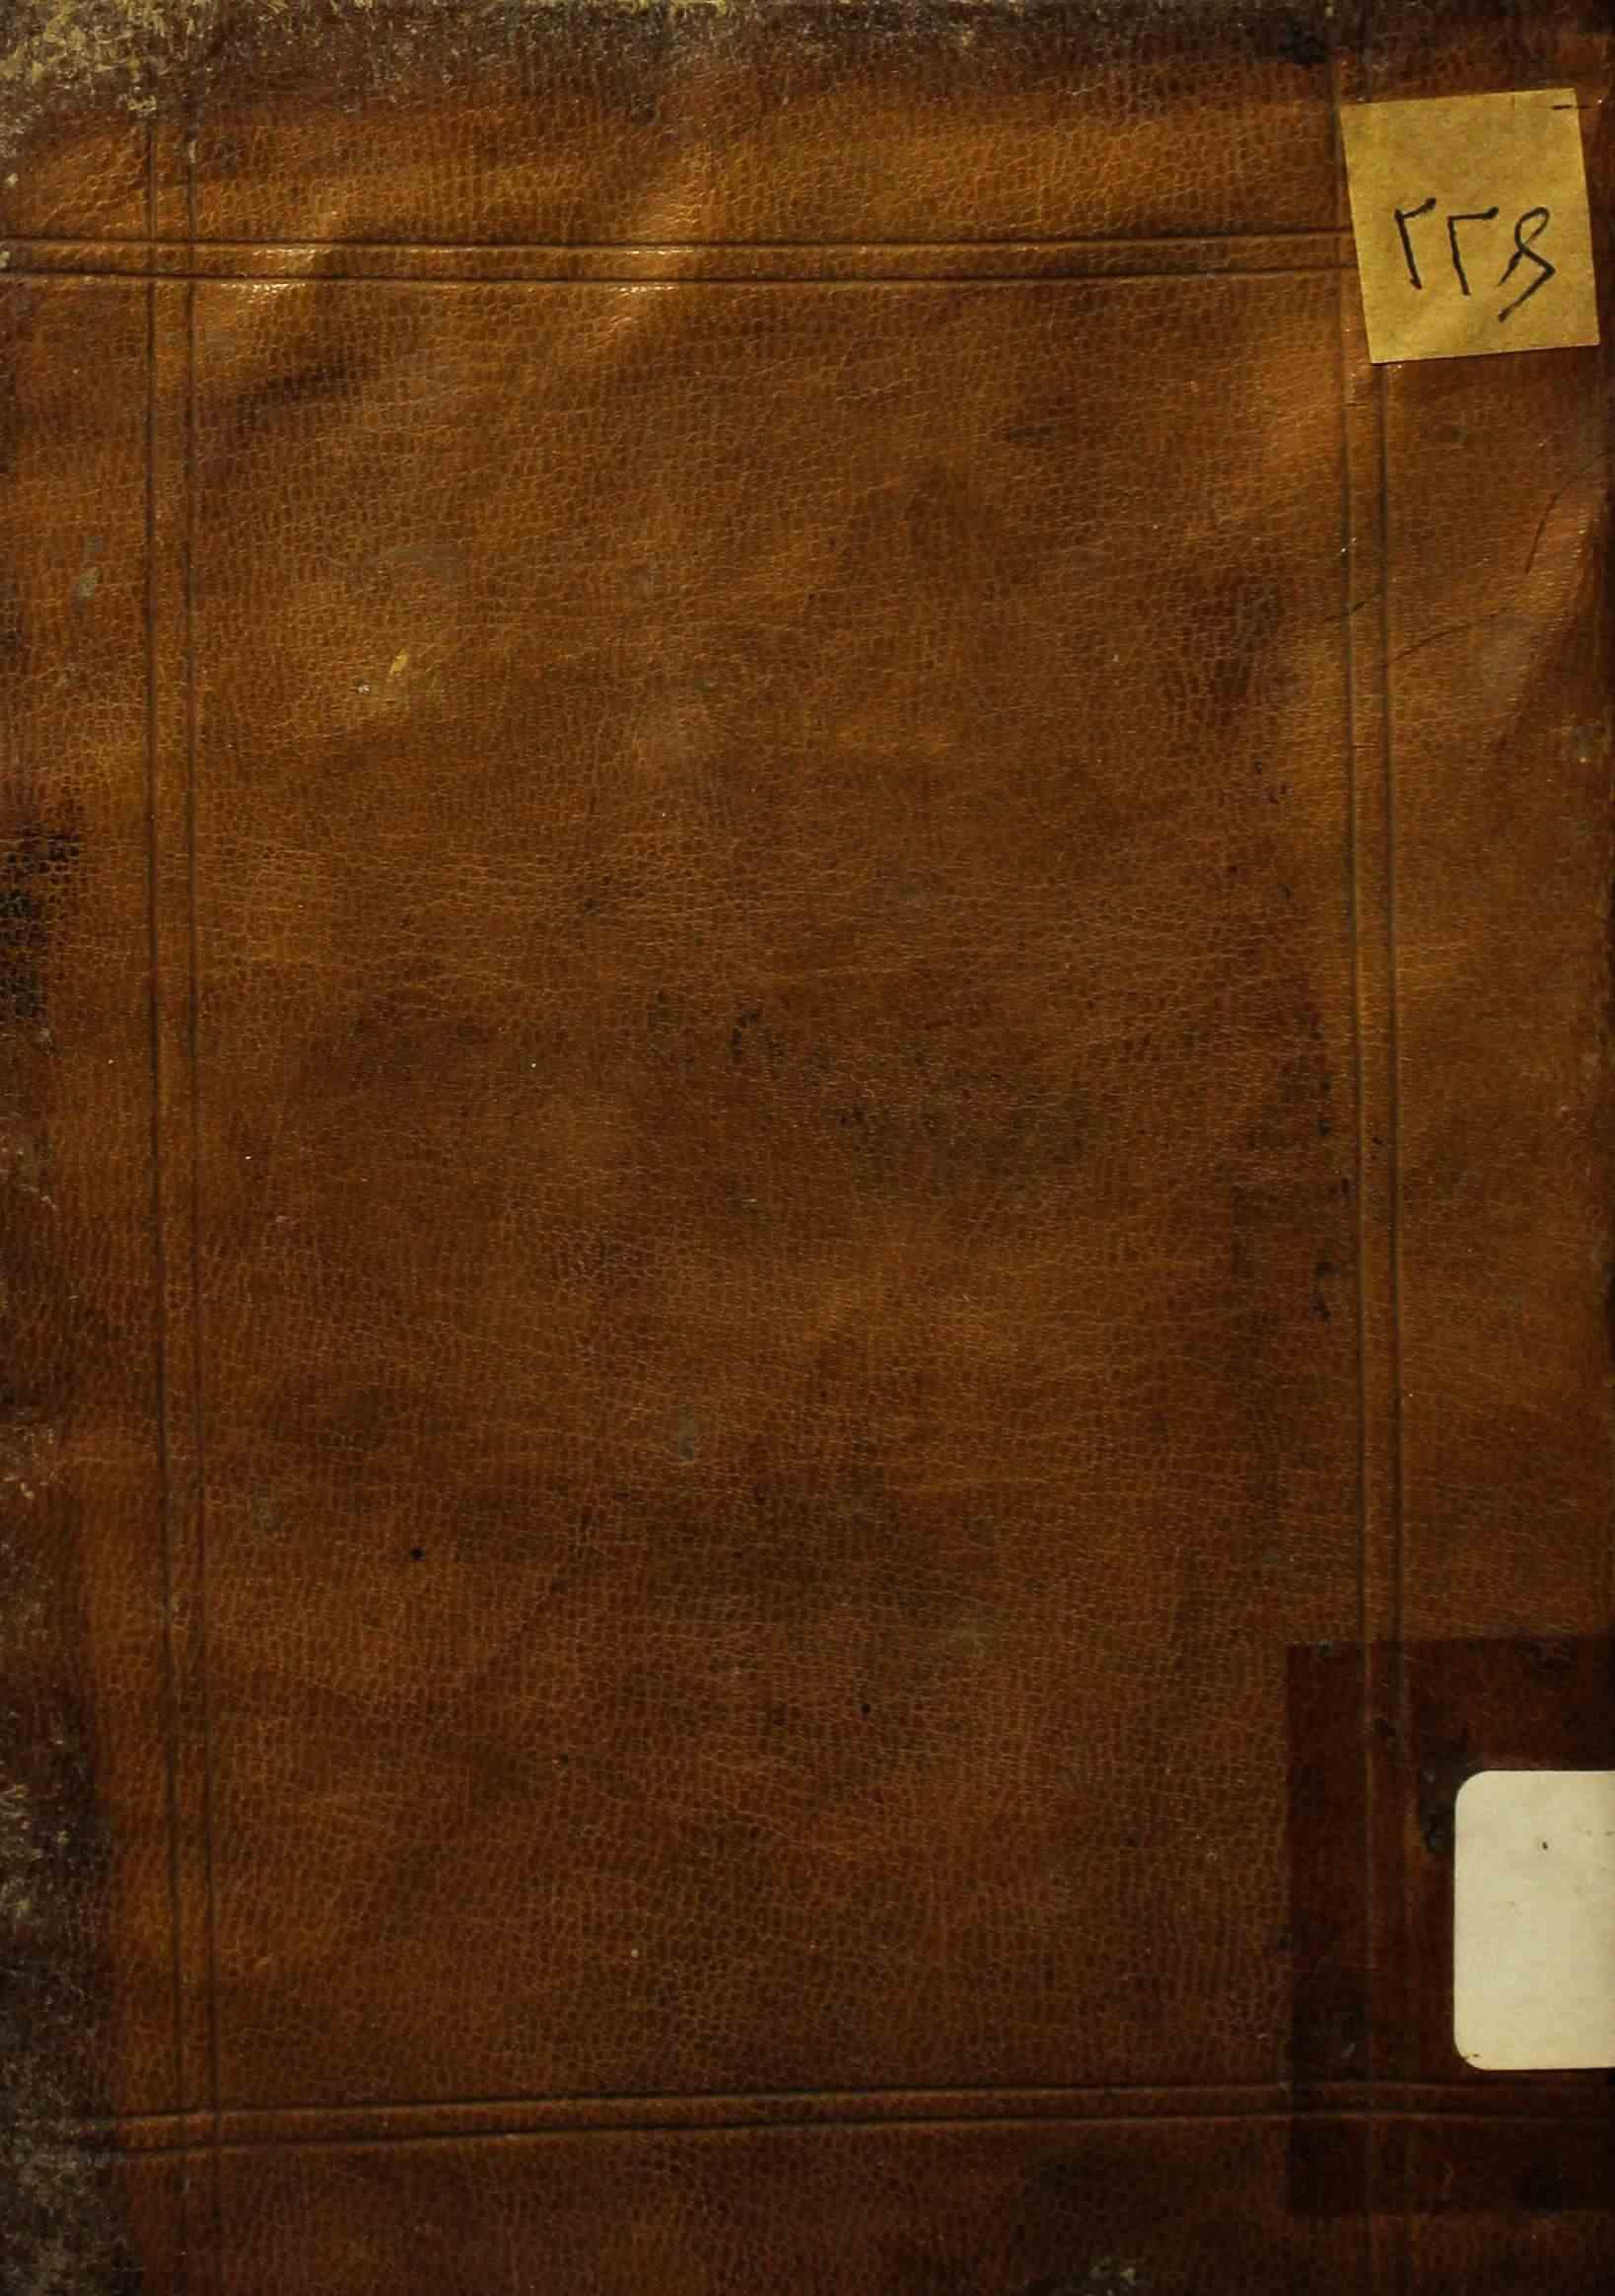 المجلي لمراه المنجي (از: محمد بن زينالدين علي مشهور به ابن ابيجمهور احسائي)